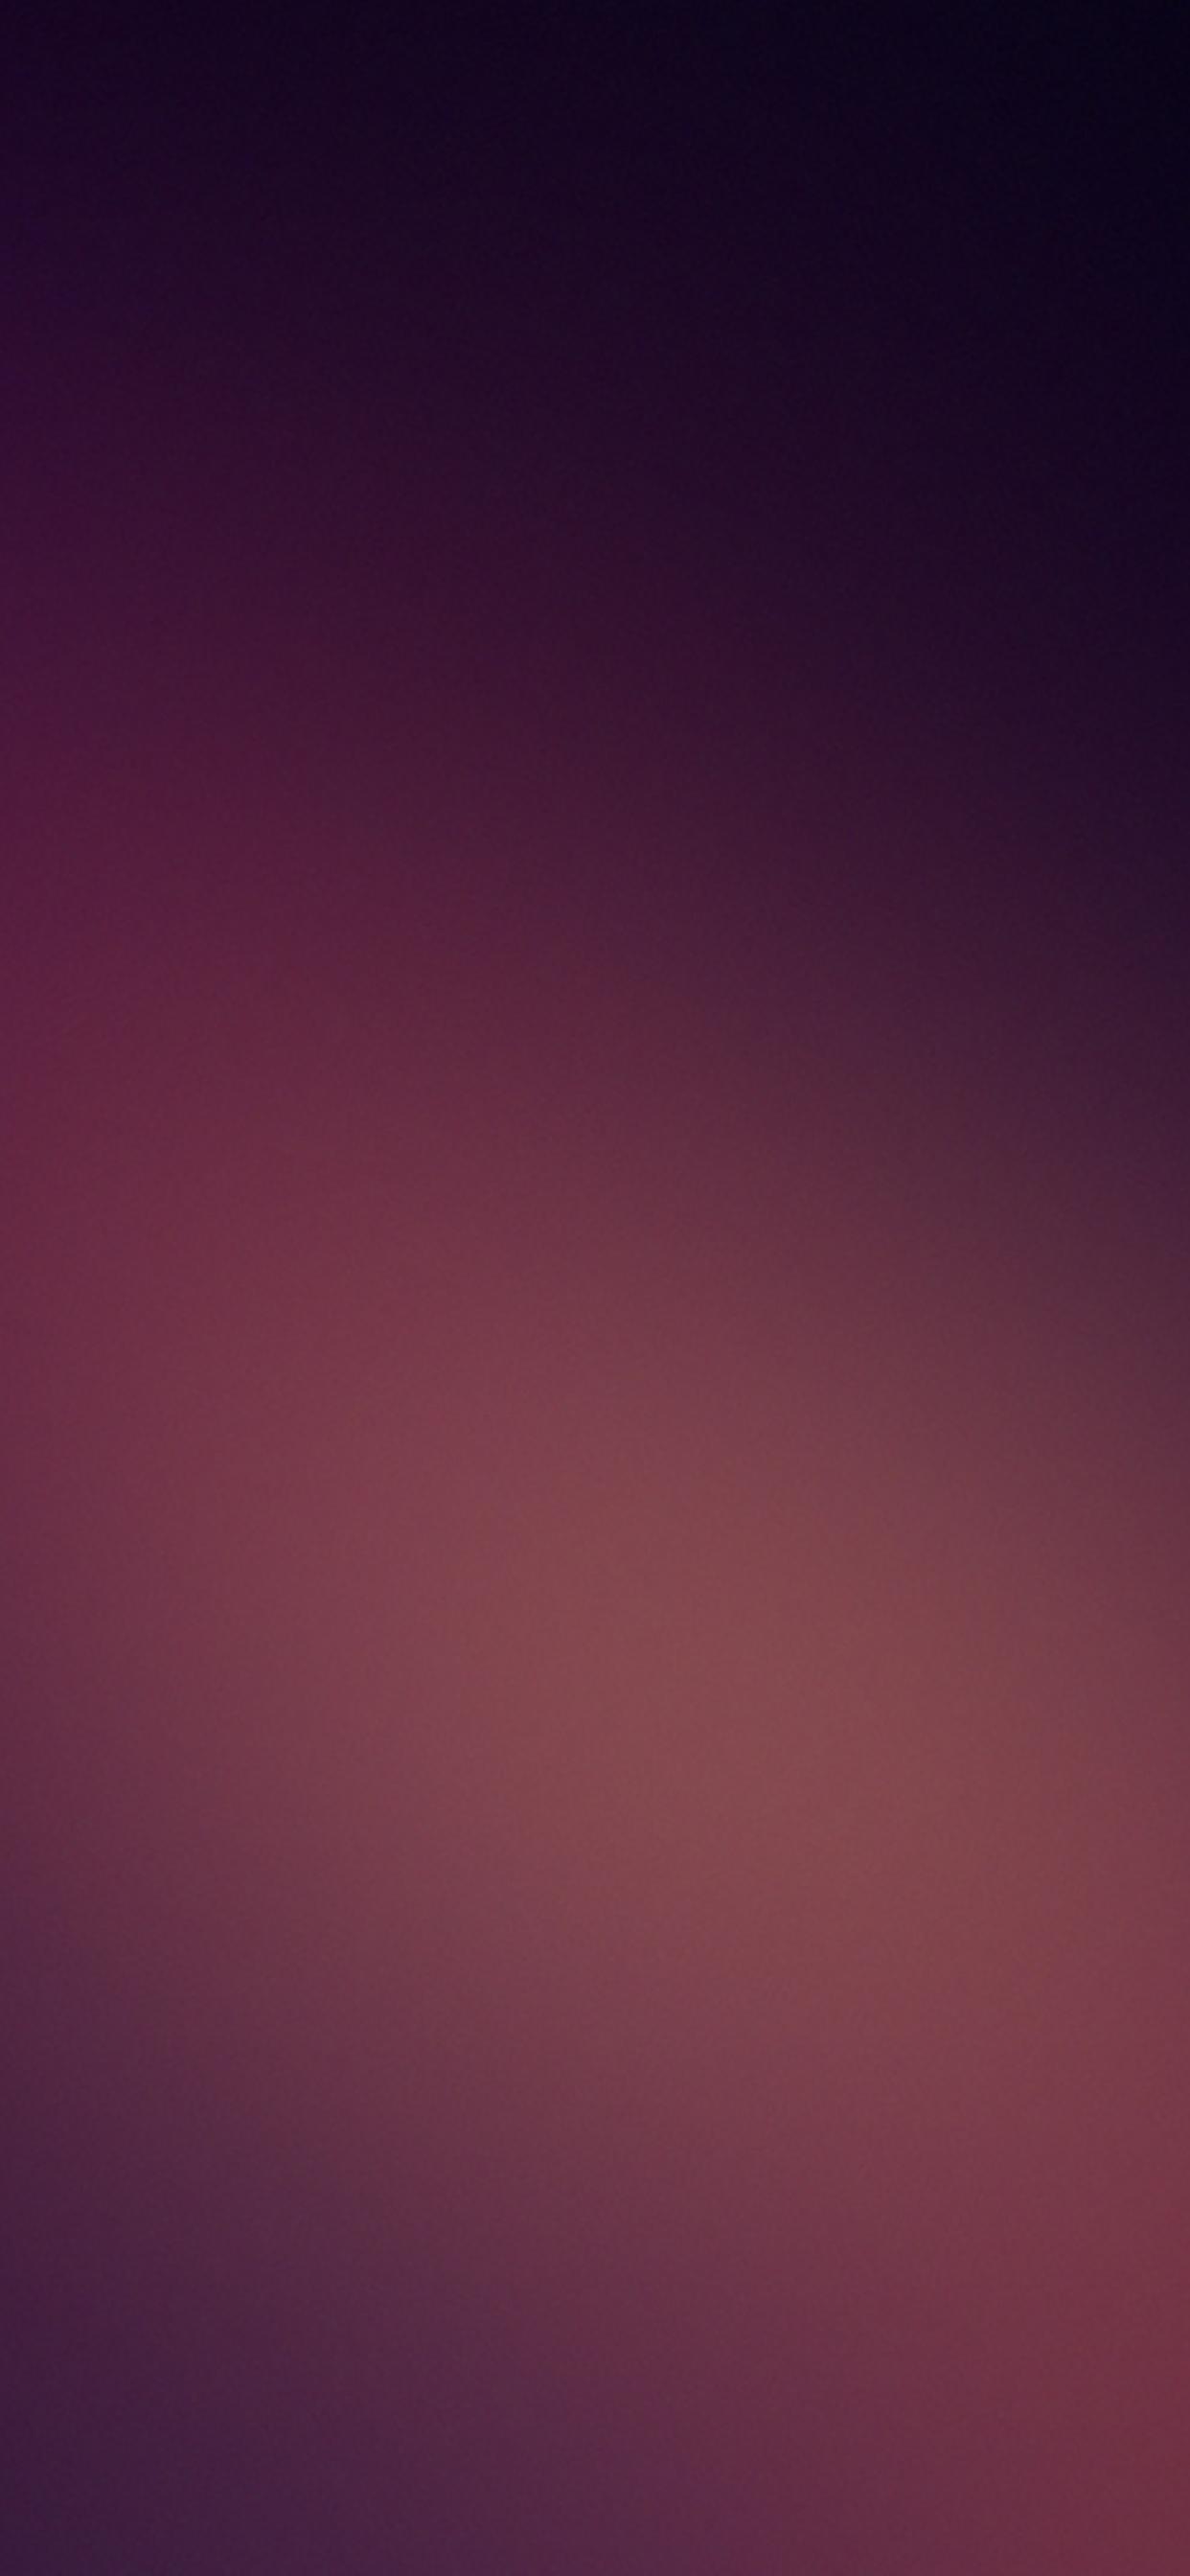 1242x2688 Dark Minimalist Blur 4k Iphone Xs Max Hd 4k Wallpapers